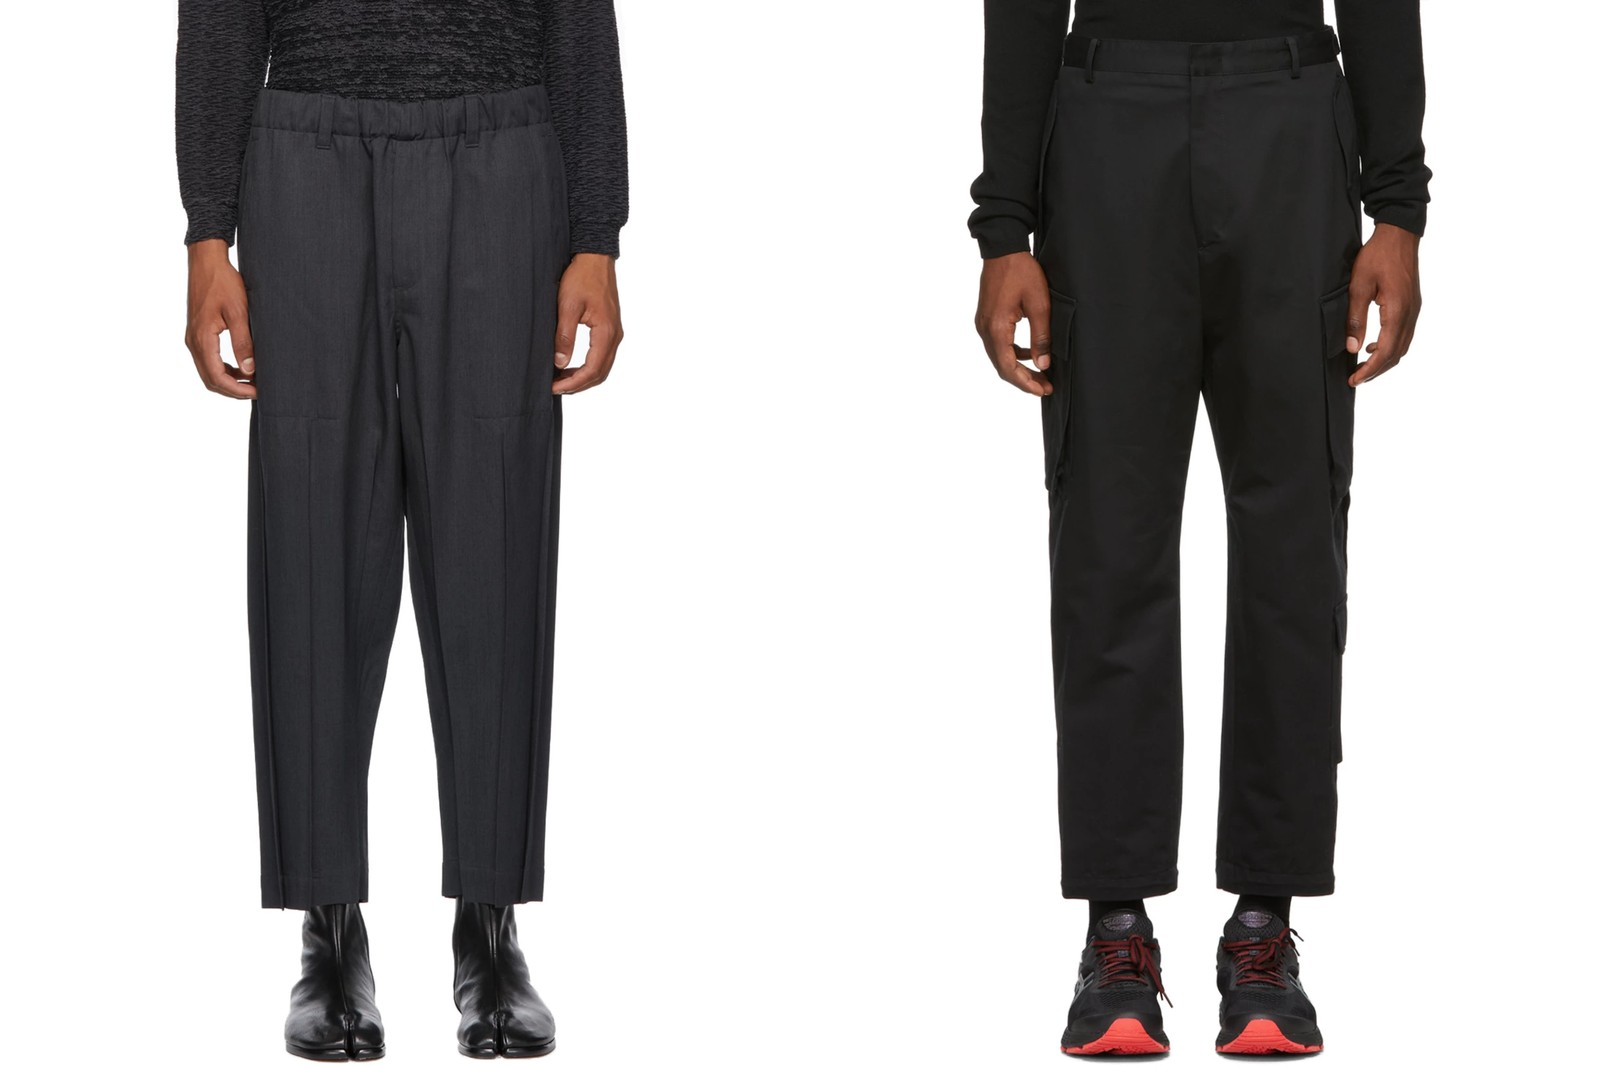 闊腿褲秋冬當道?十位時尚行業人士與我們大談「褲子經」